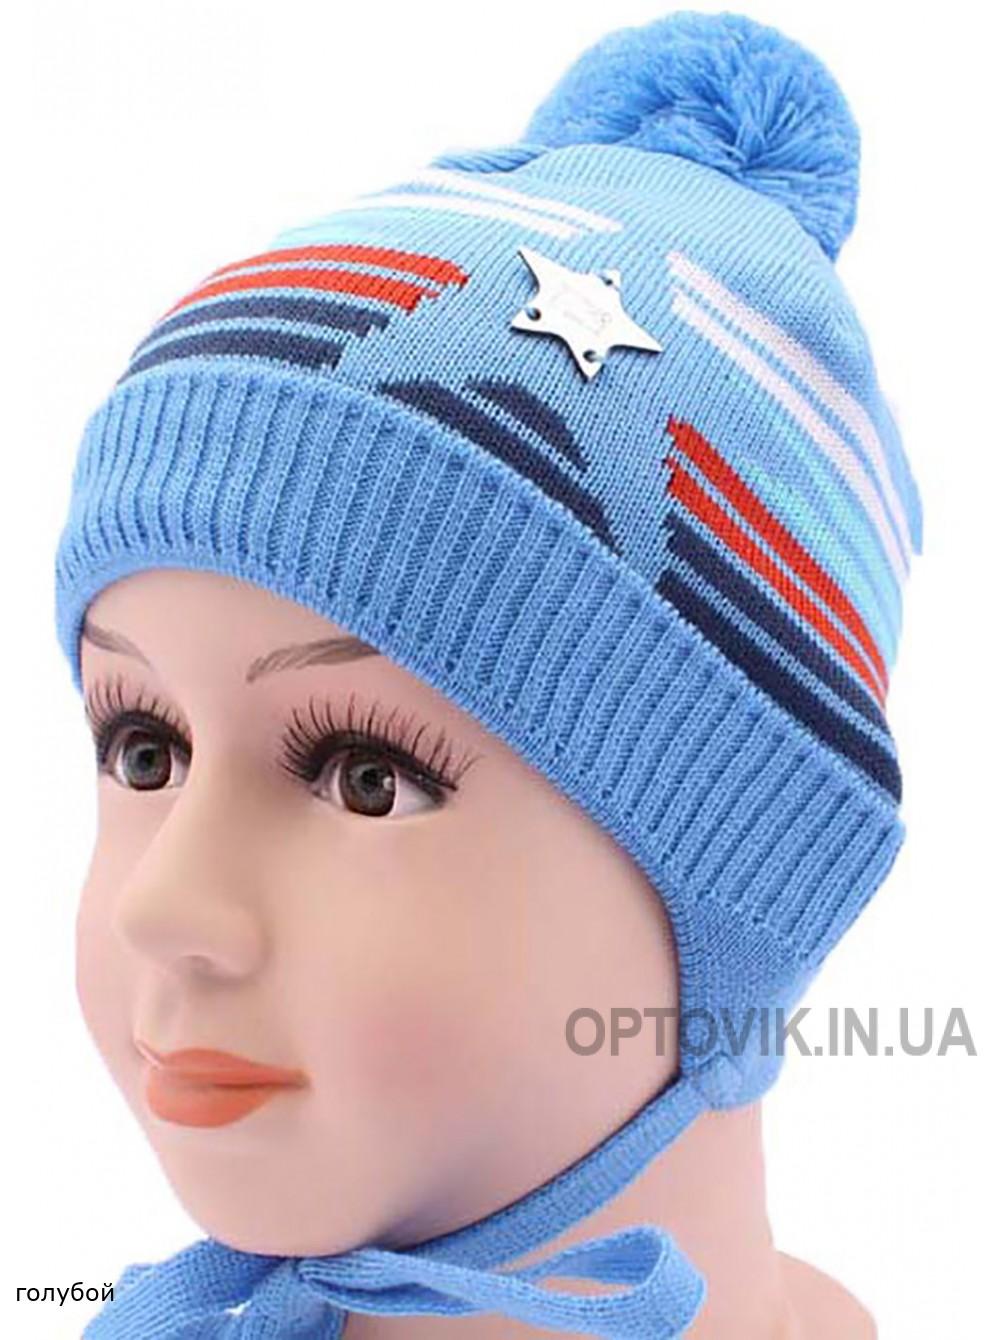 Детская вязаная шапка Шериф DV2217-44-48